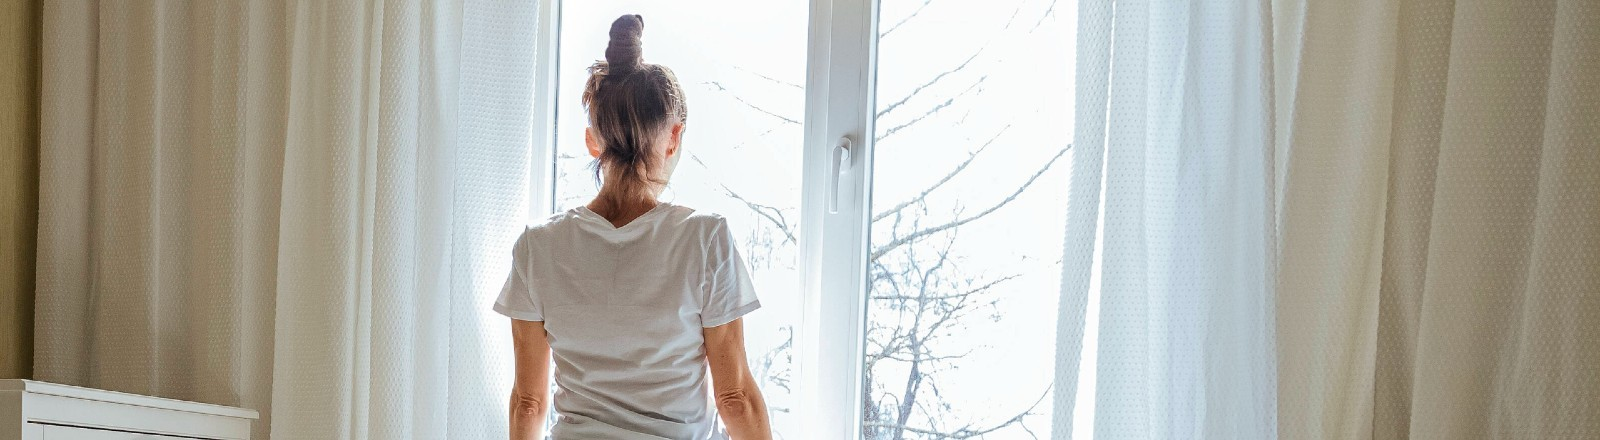 Eine Frau schaut aus dem Fenster.